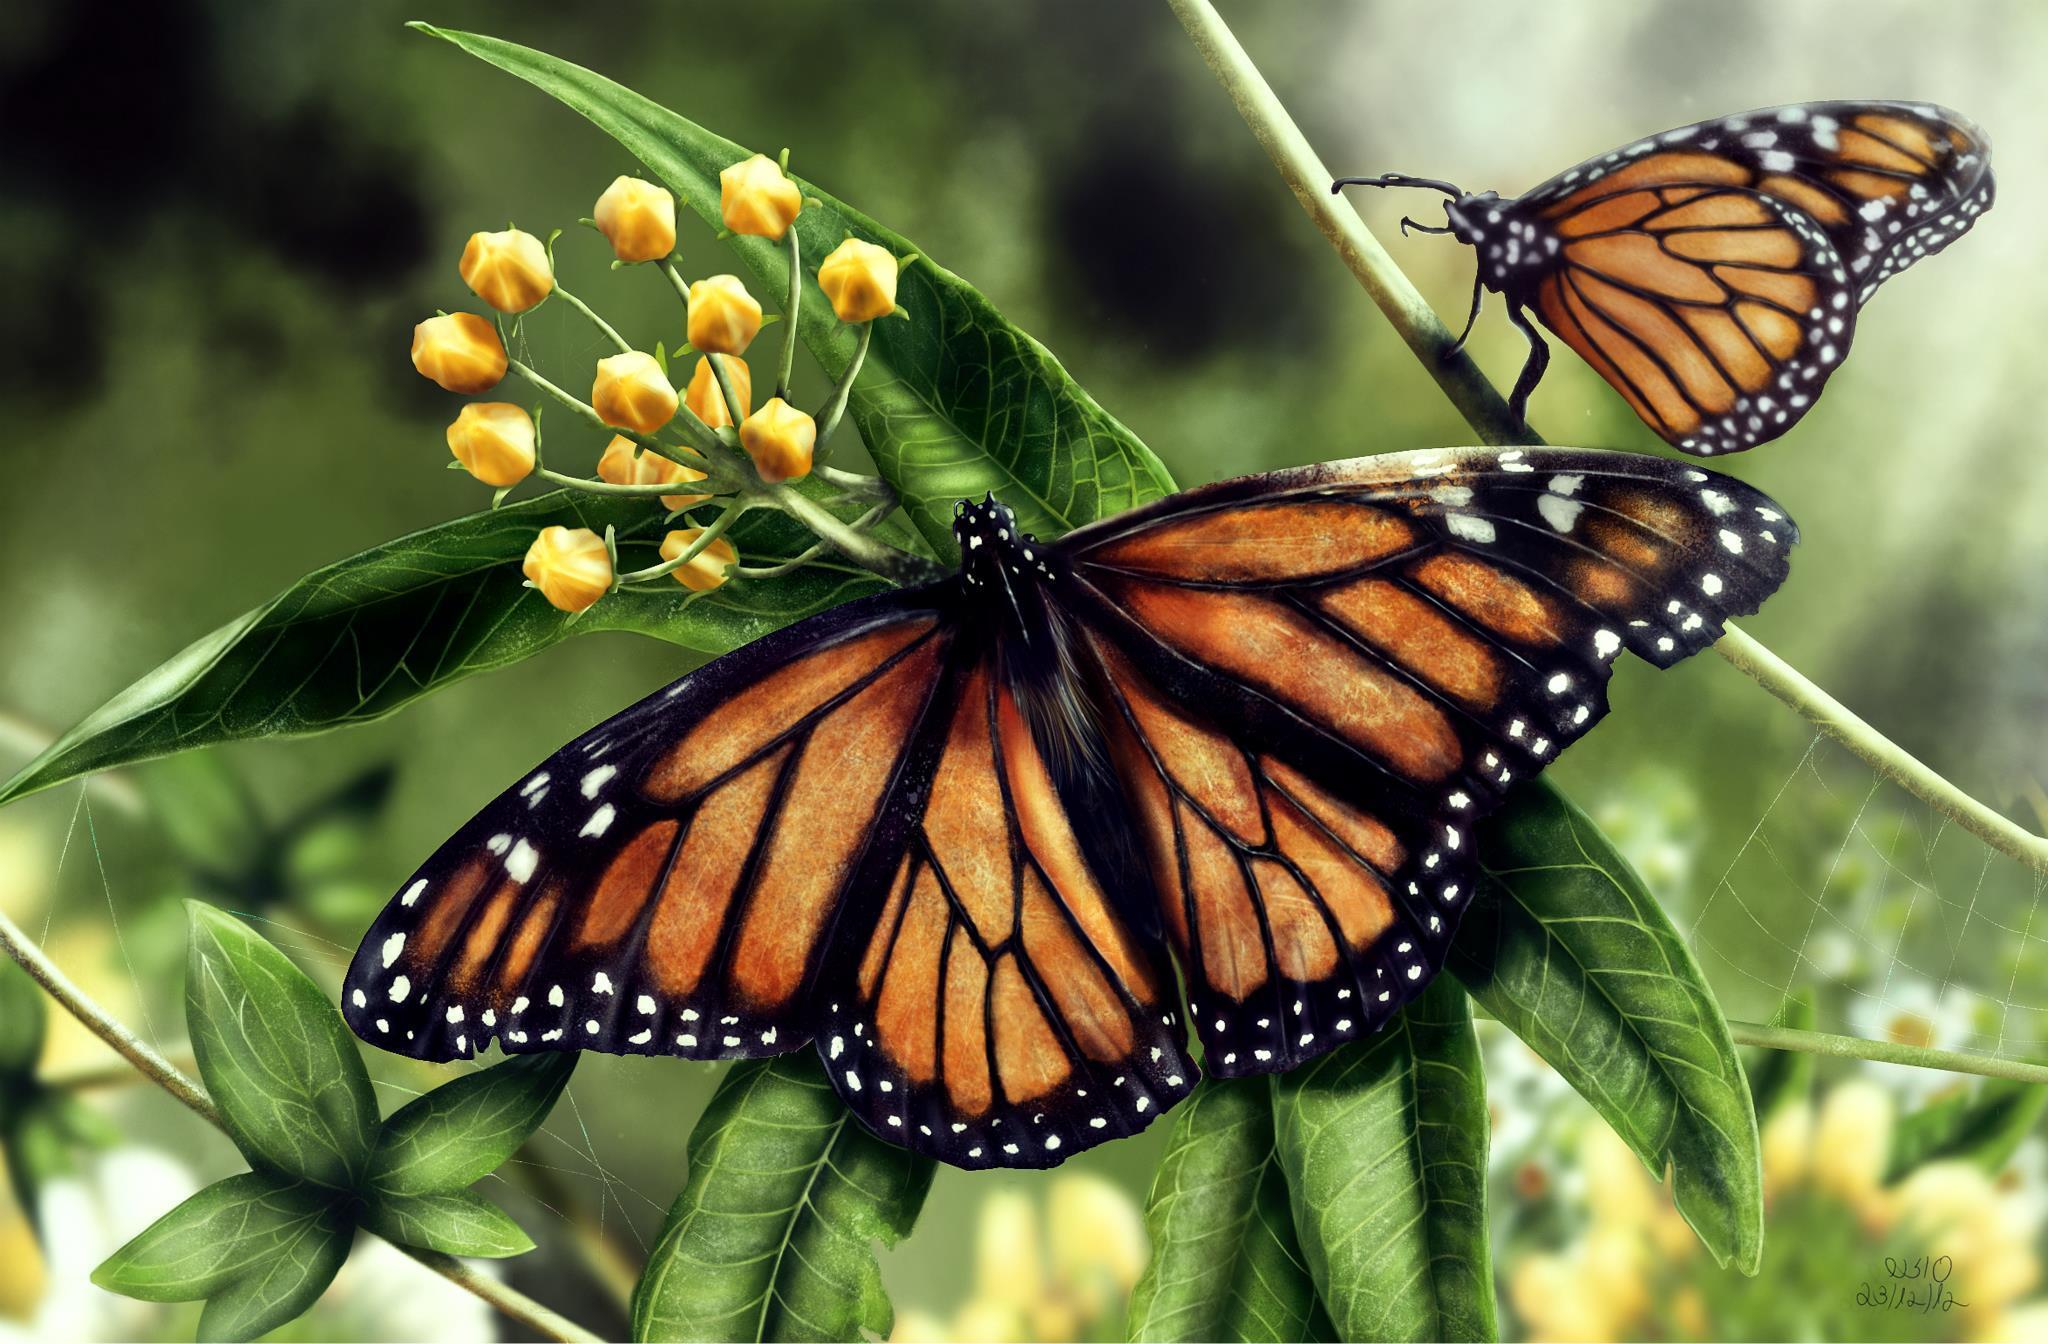 Фотография Данаида монарх Бабочки Насекомые два животное бабочка насекомое 2 две Двое вдвоем Животные